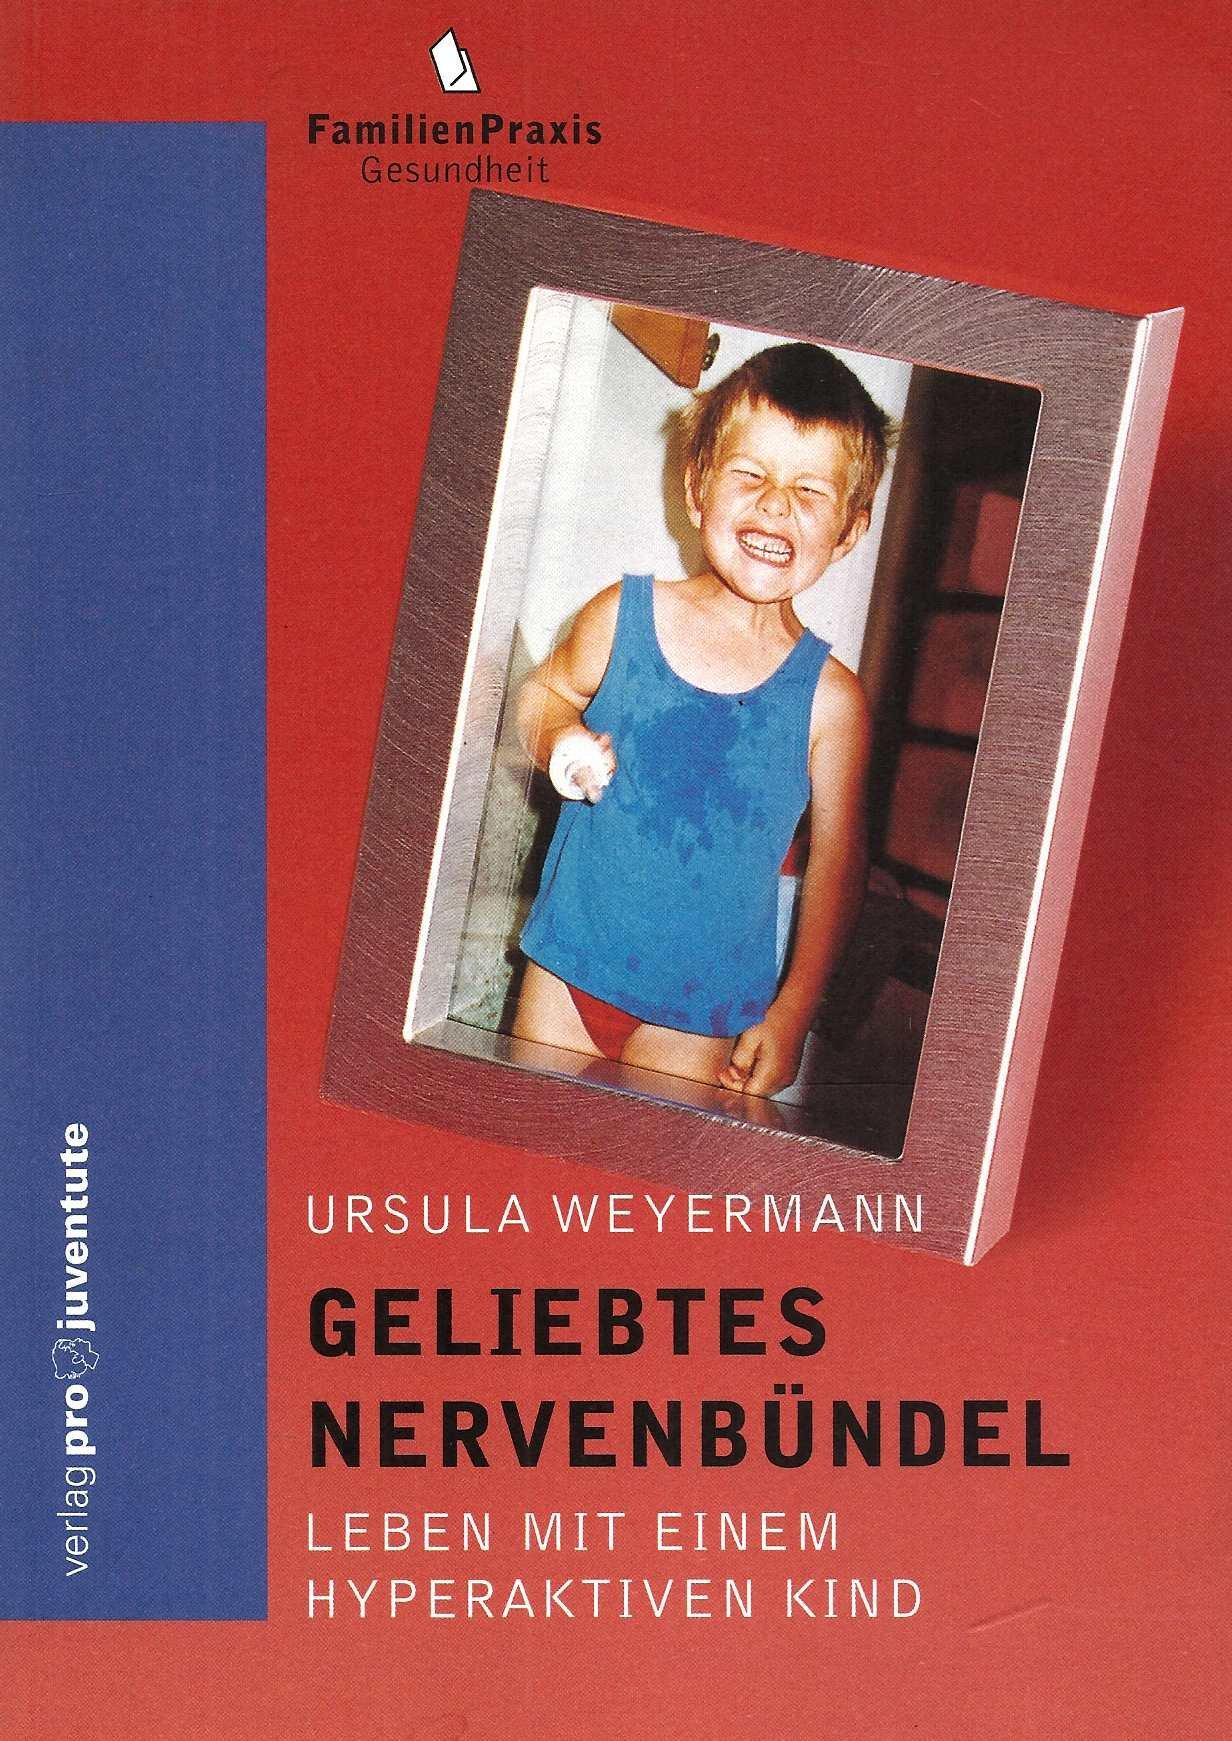 Geliebtes Nervenbündel: Leben mit einem hyperaktiven Kind